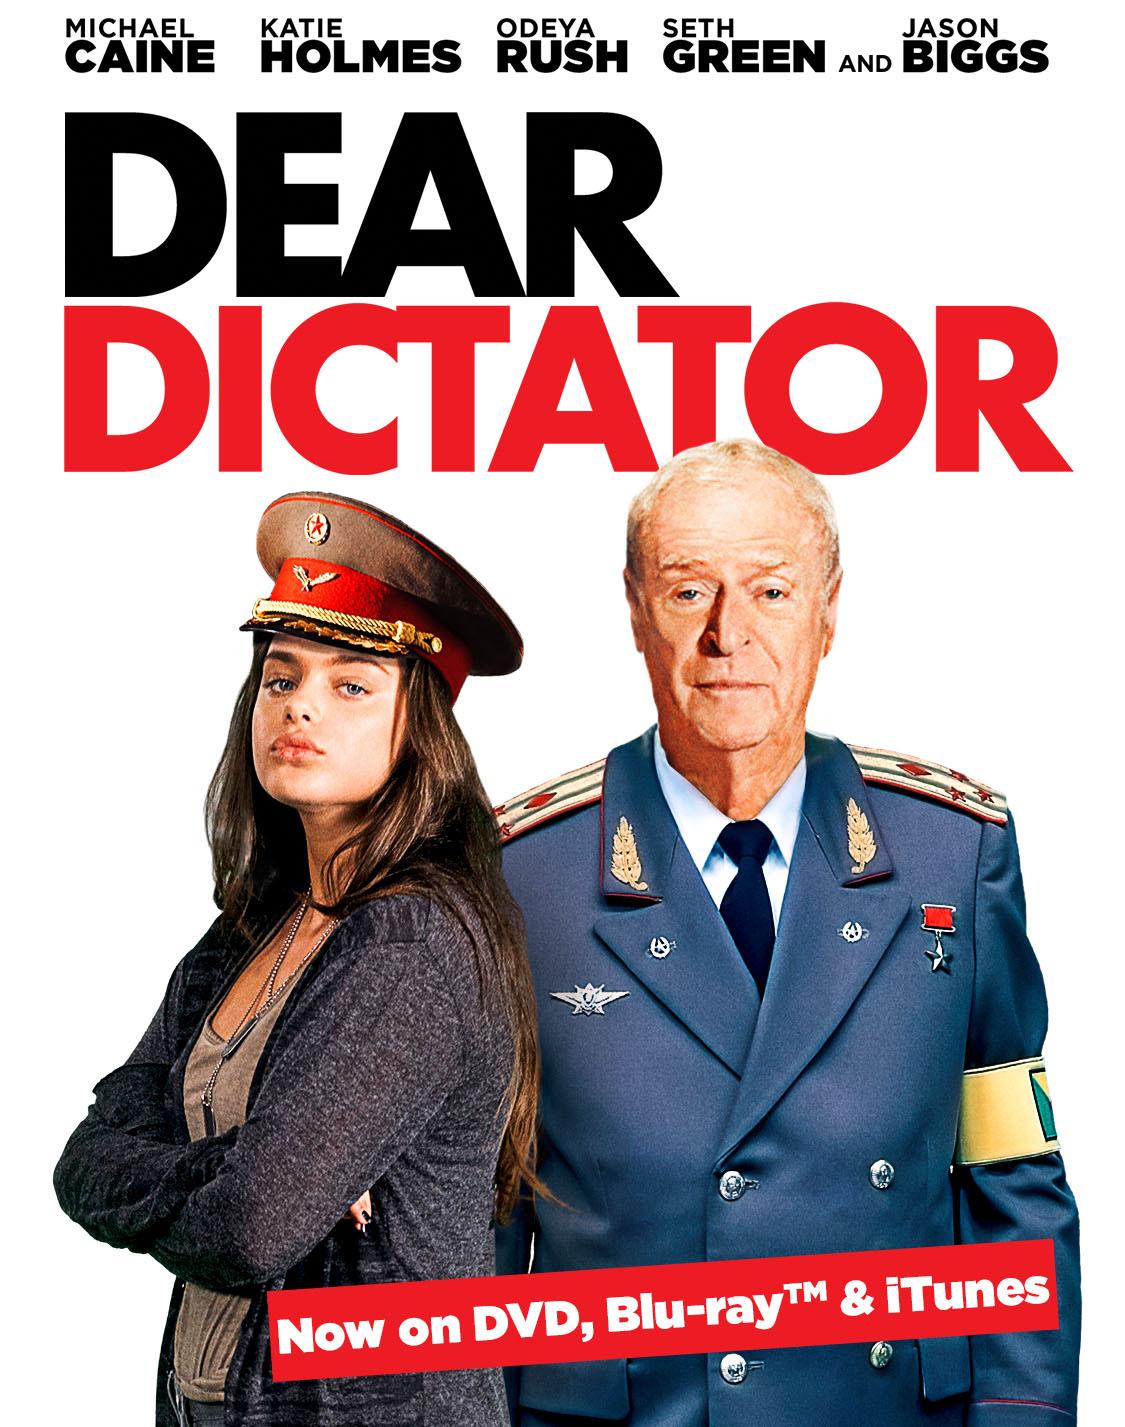 DearDictator_ATCMobileR5_1125